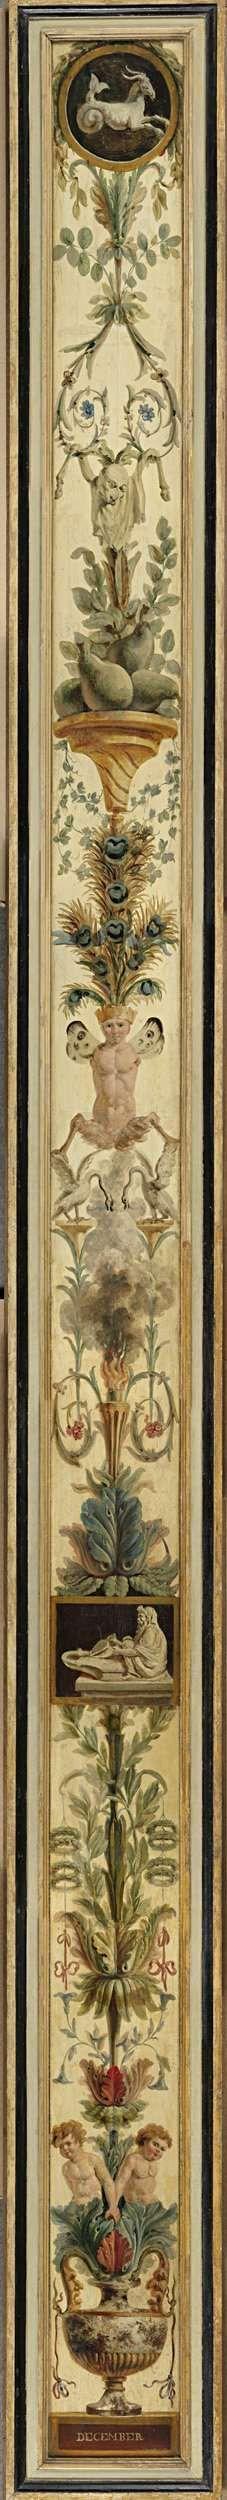 December met het teken van de steenbok, Jan Kamphuysen, 1790 - 1791